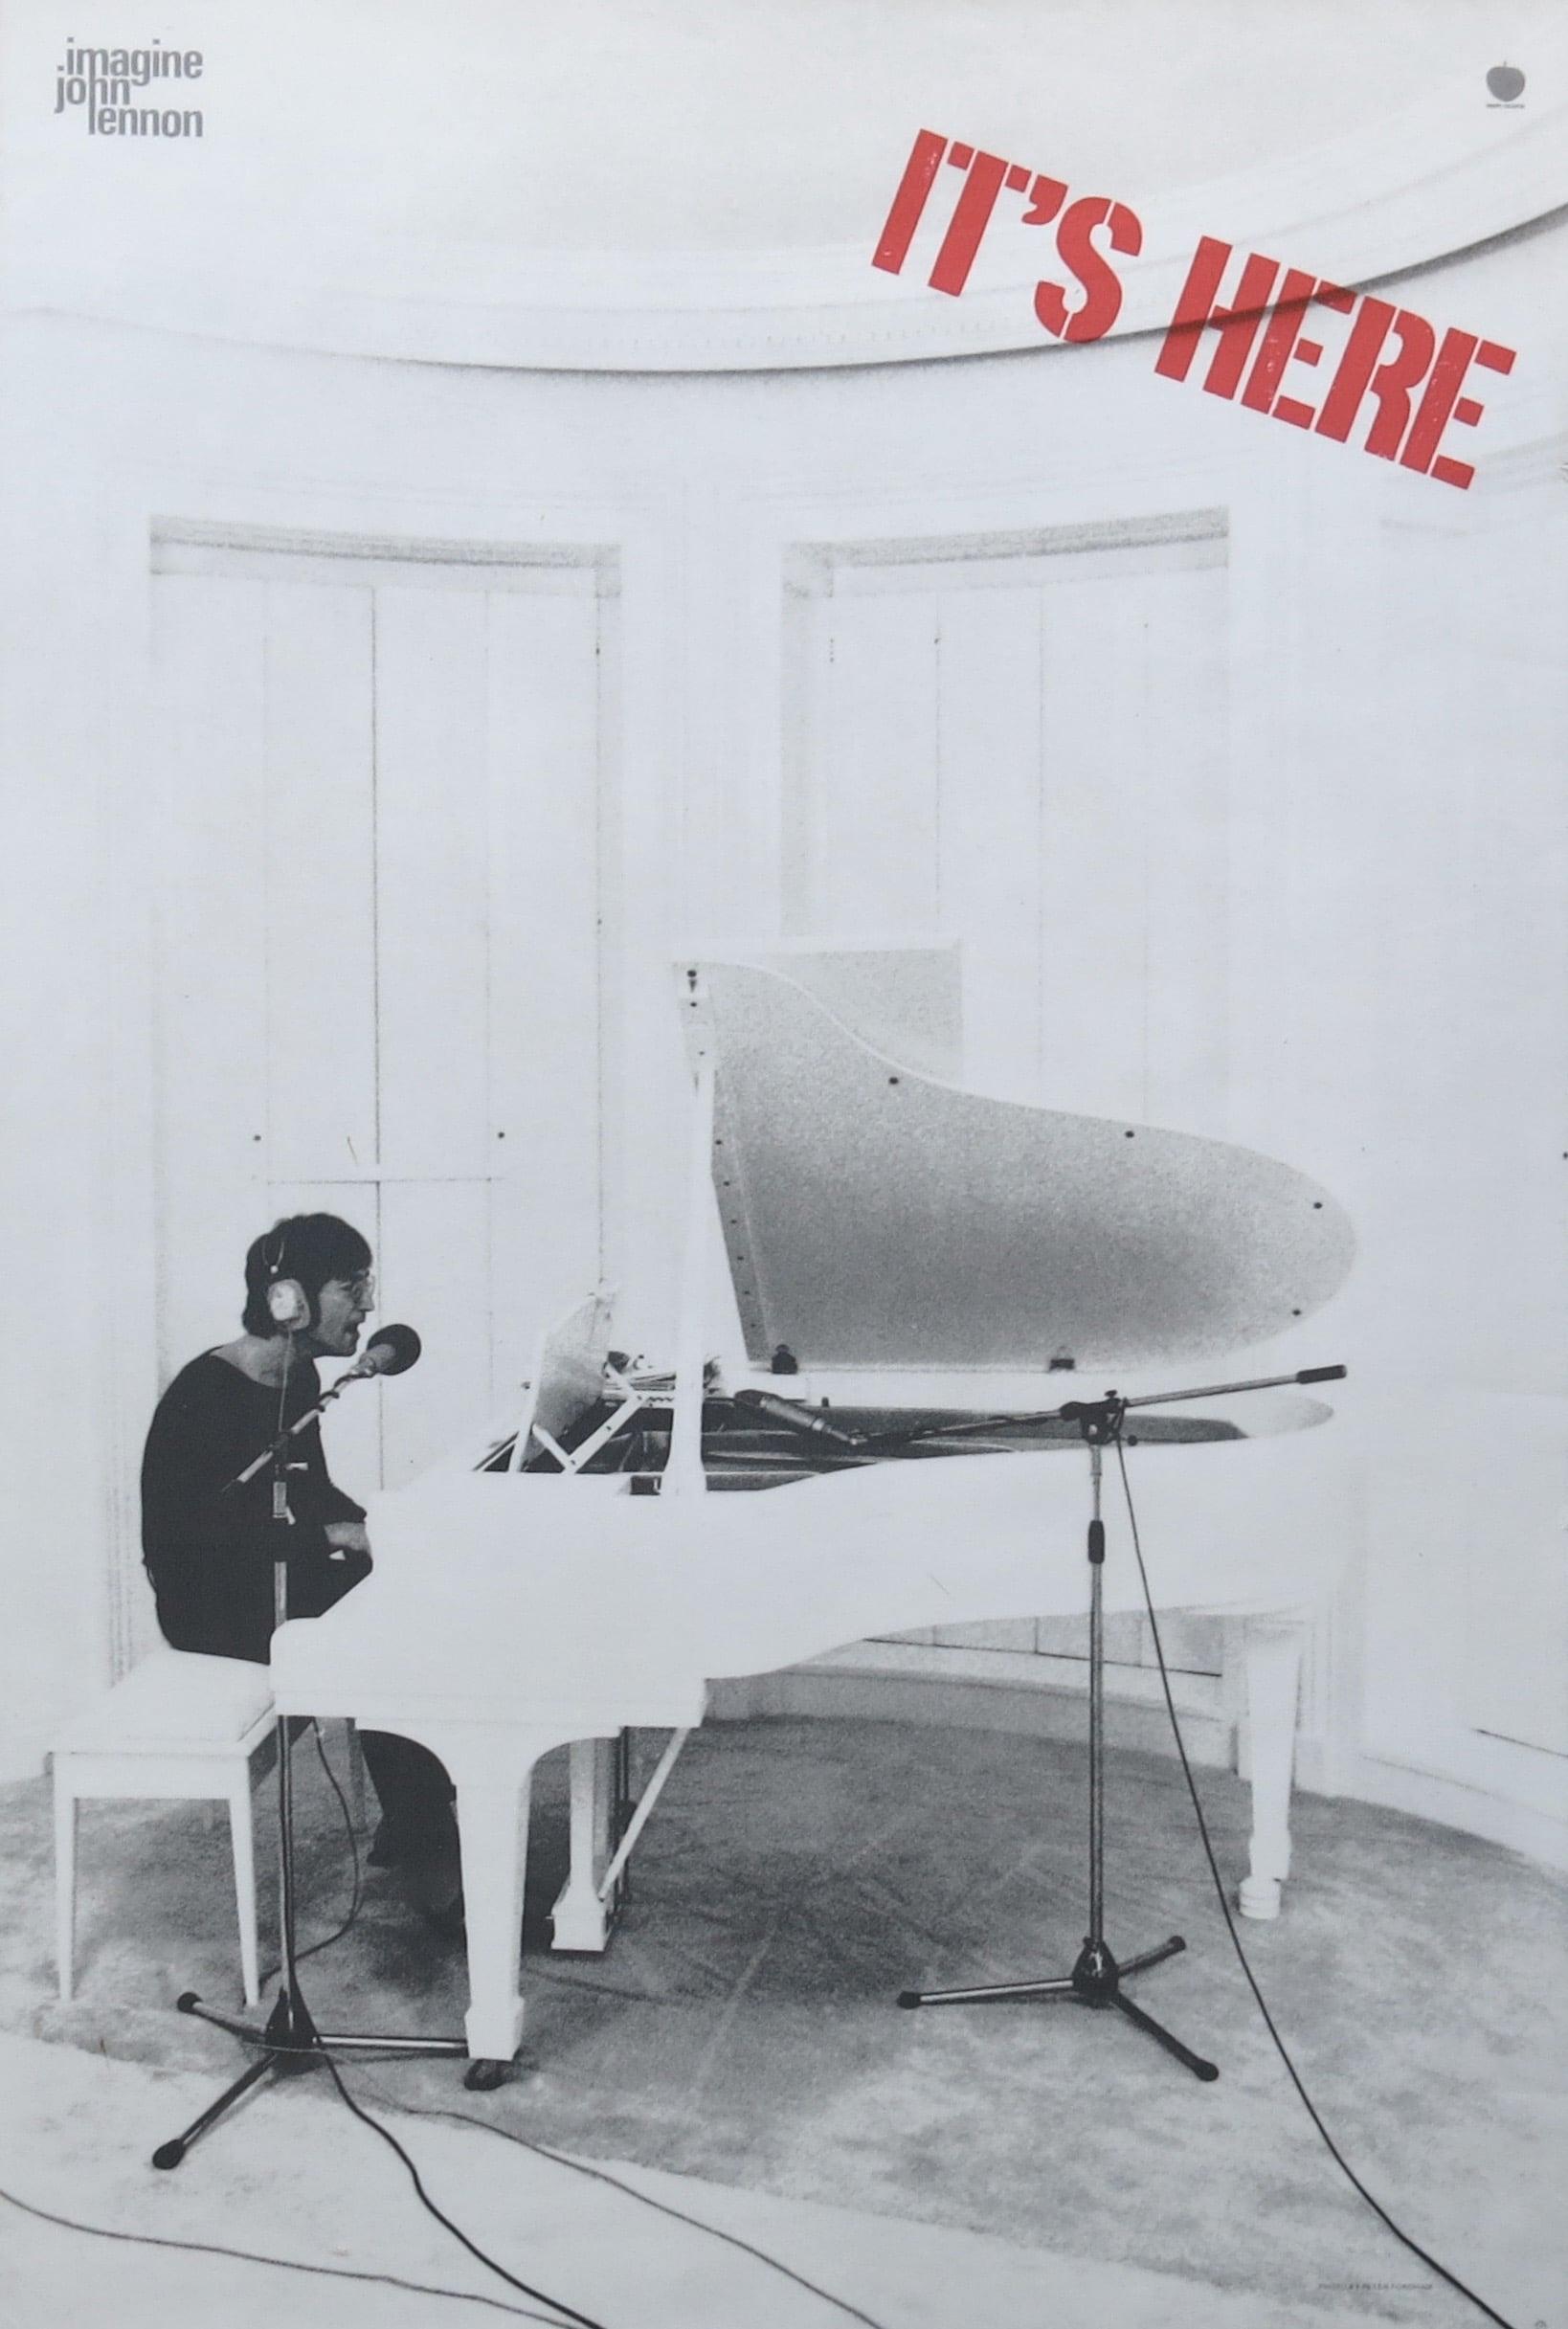 John Lennon Imagine 1971 Apple Records Promo Poster